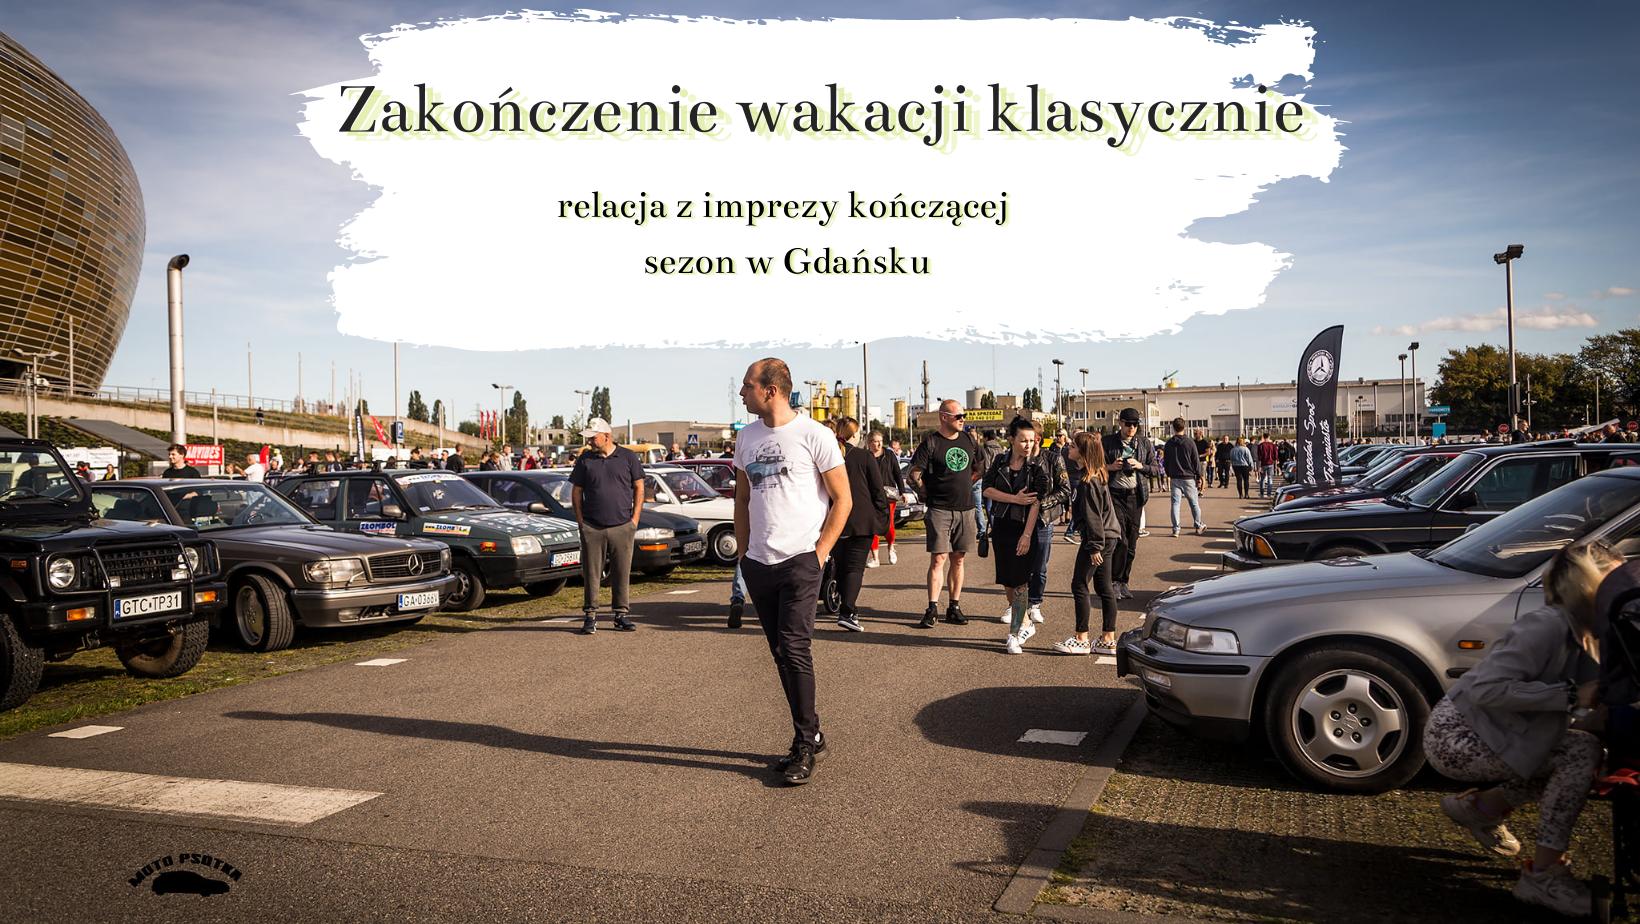 Zakończenie wakacji klasycznie. Gdańsk hucznie pożegnał ciepłe dni i postawił wysoko poprzeczkę na kolejny rok!